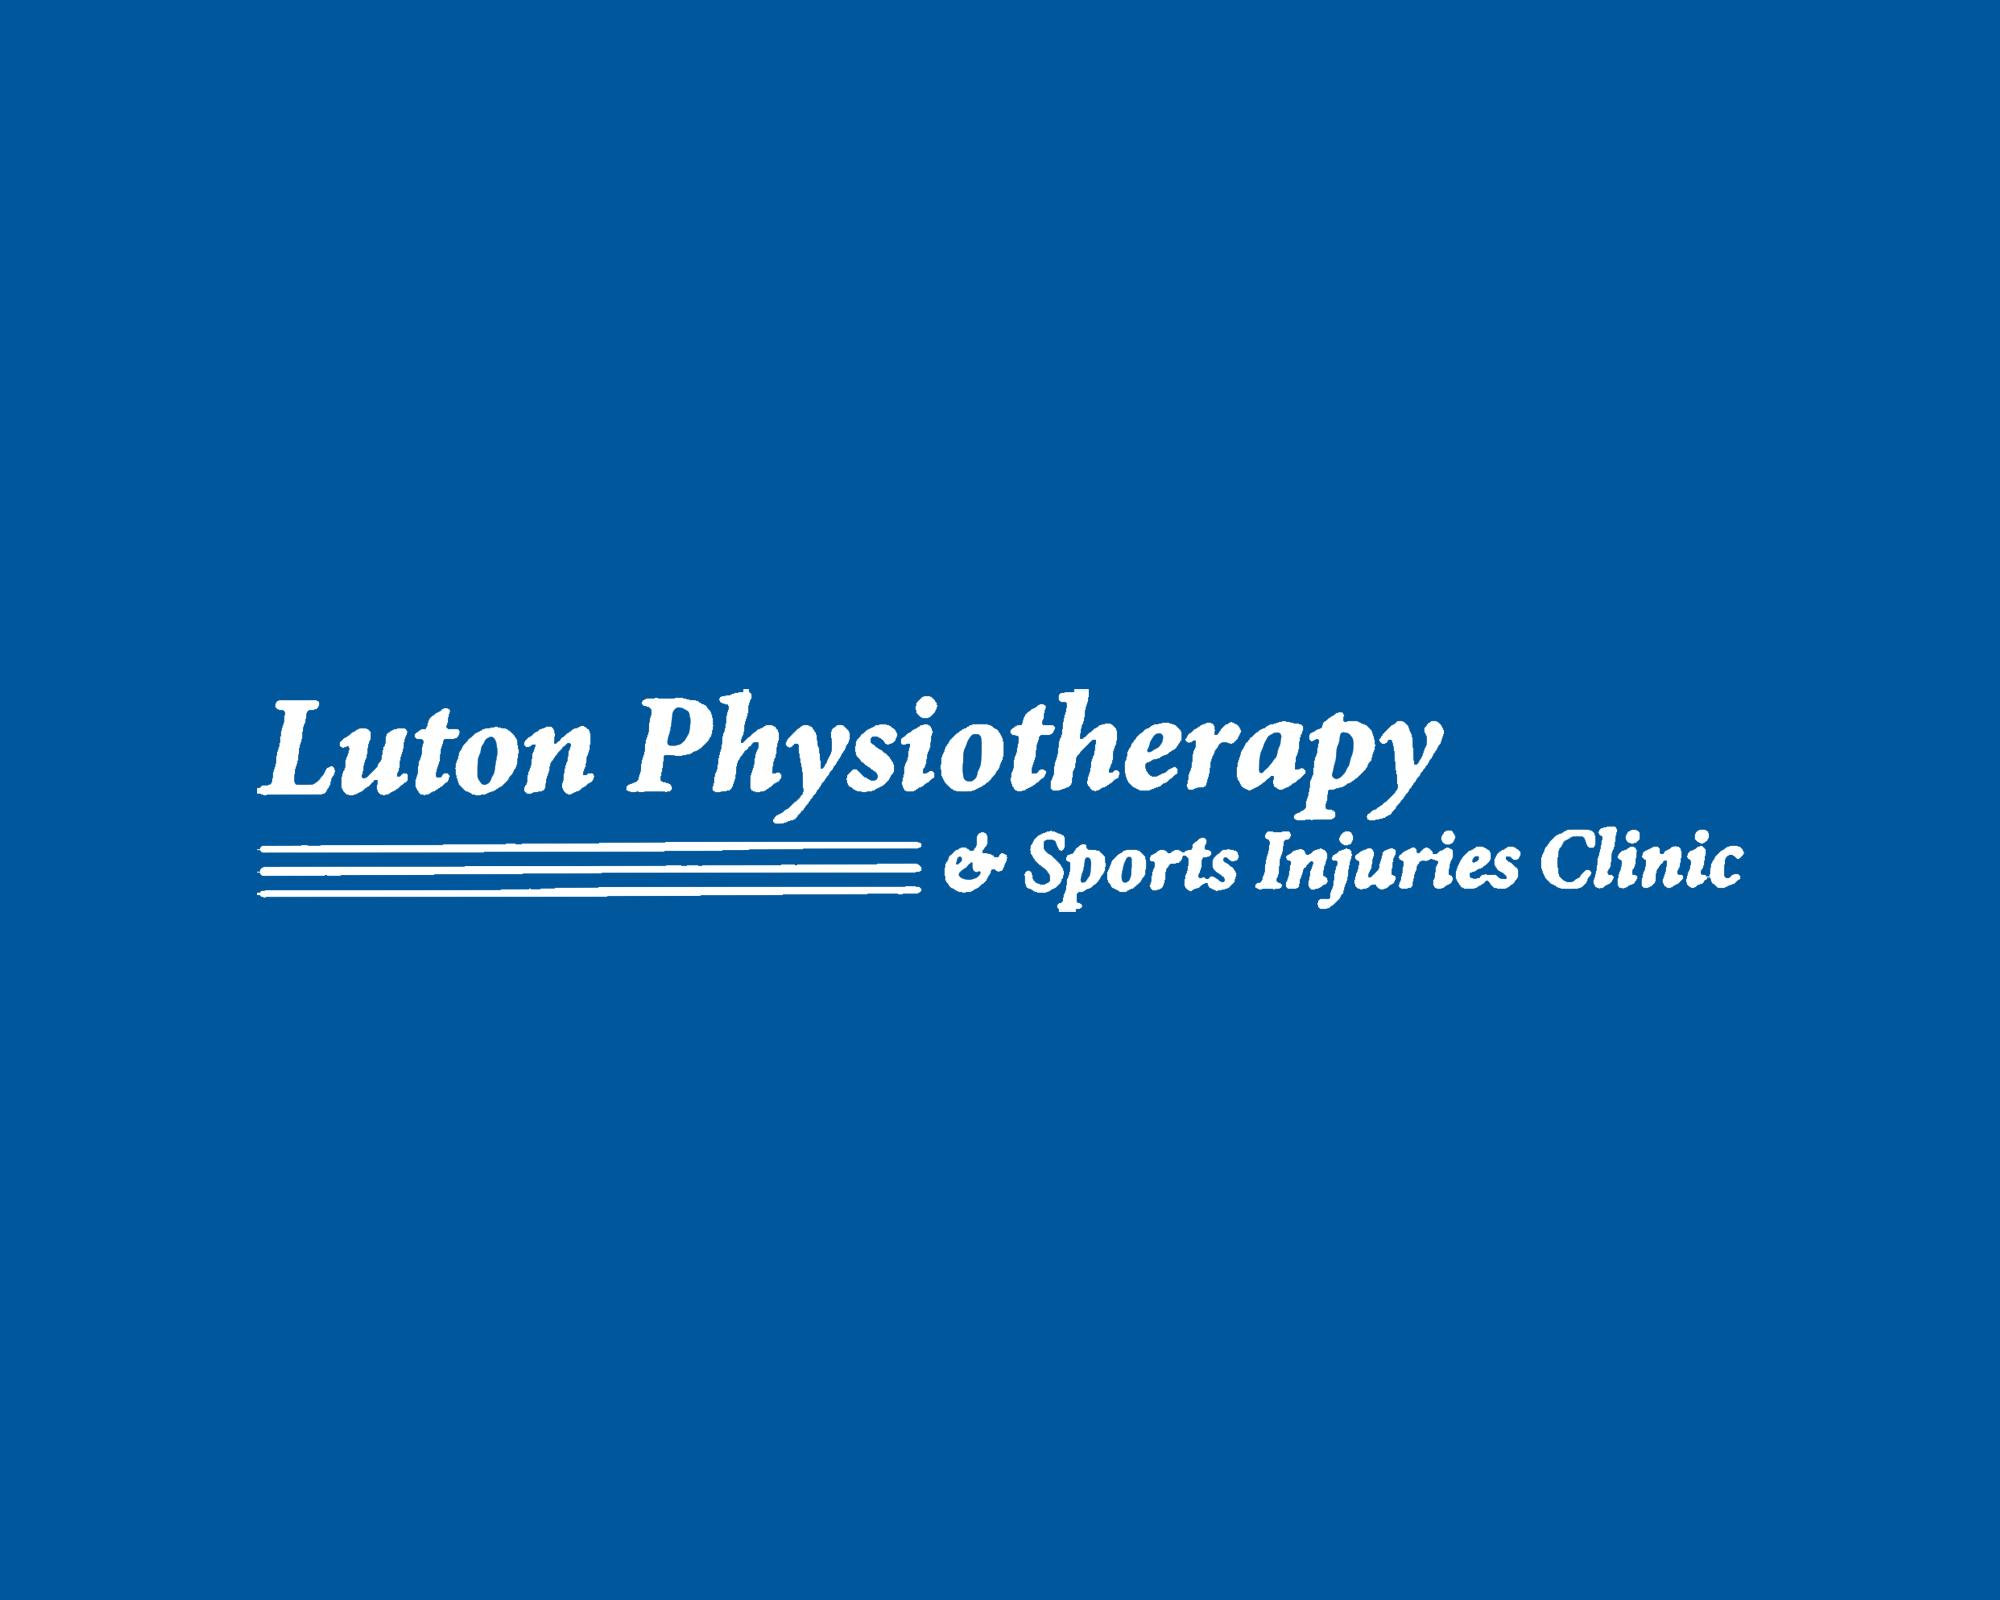 luton physio Logo